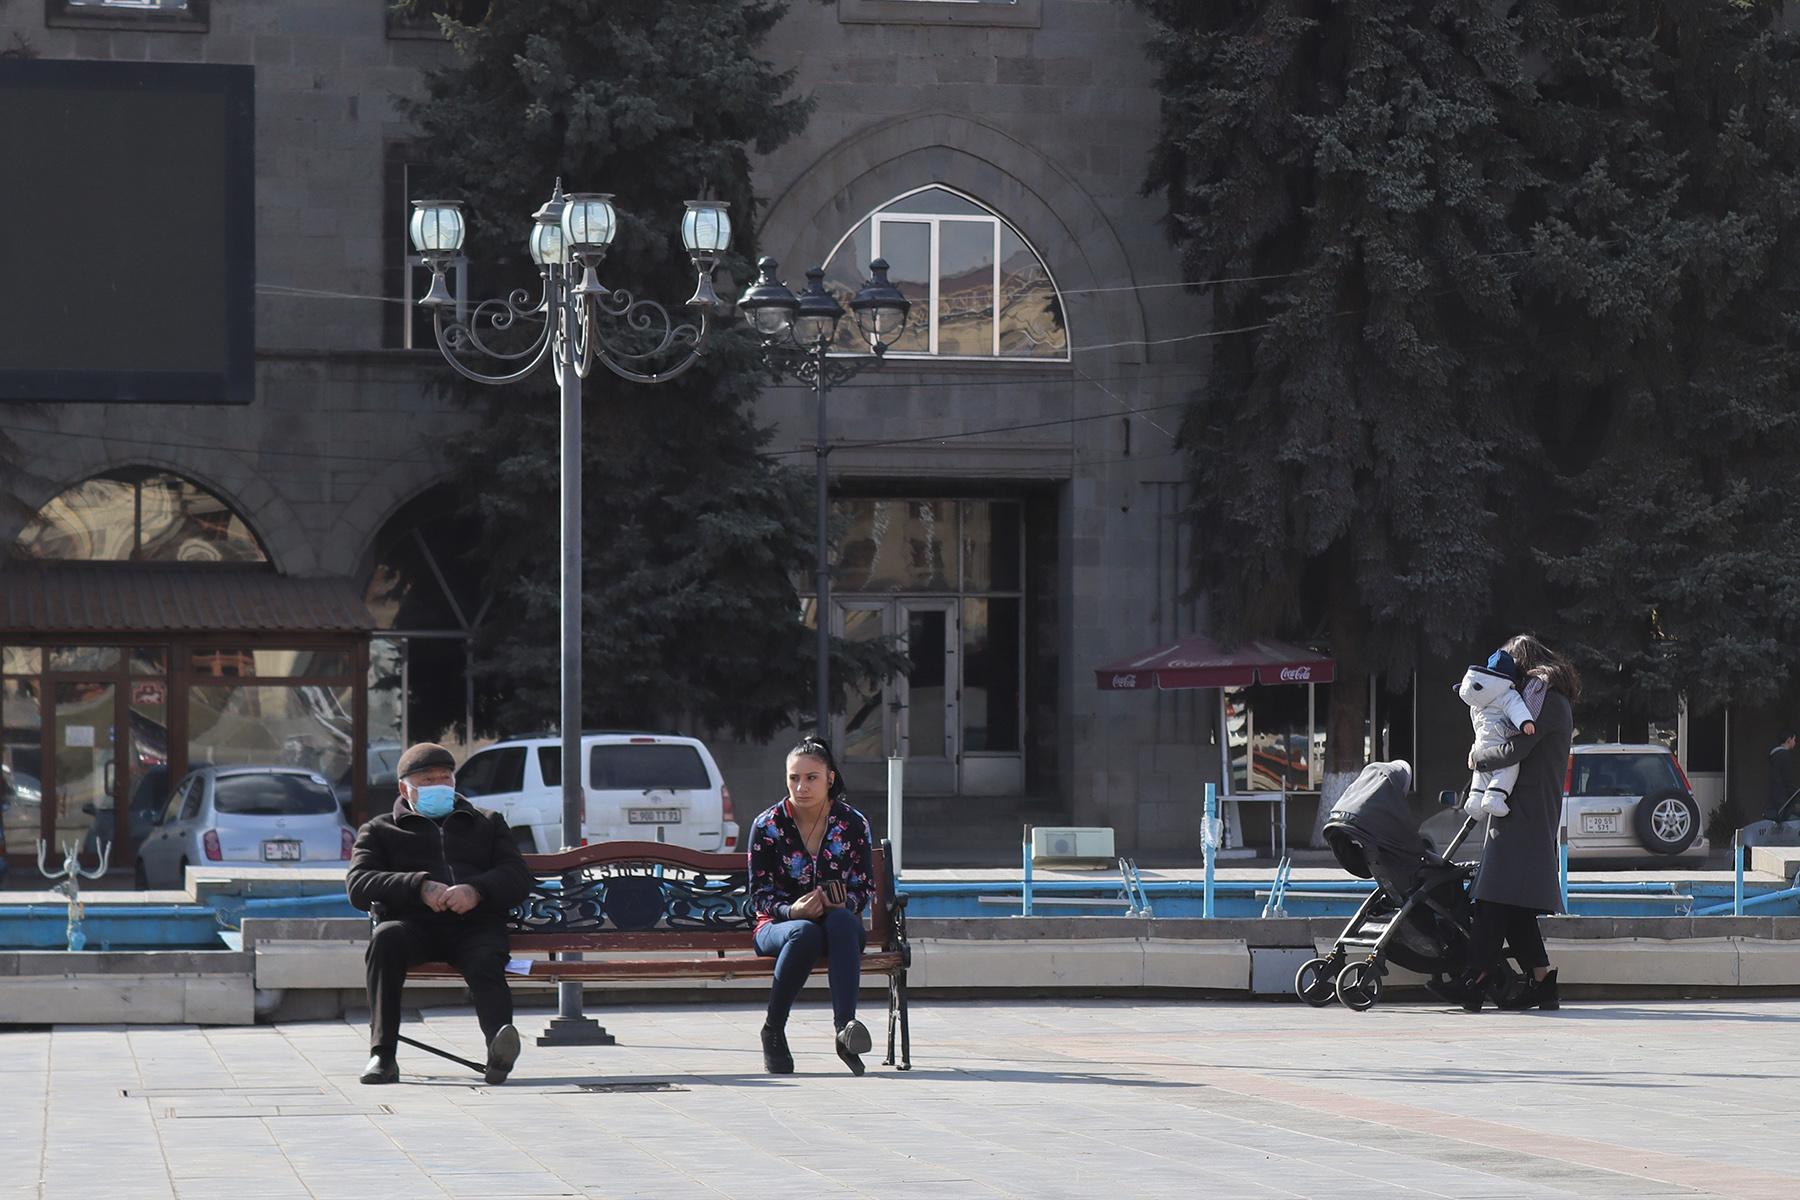 Центральная площадь Вардананц в Гюмри. Фото: Анаит Арутюнян/OC Media.